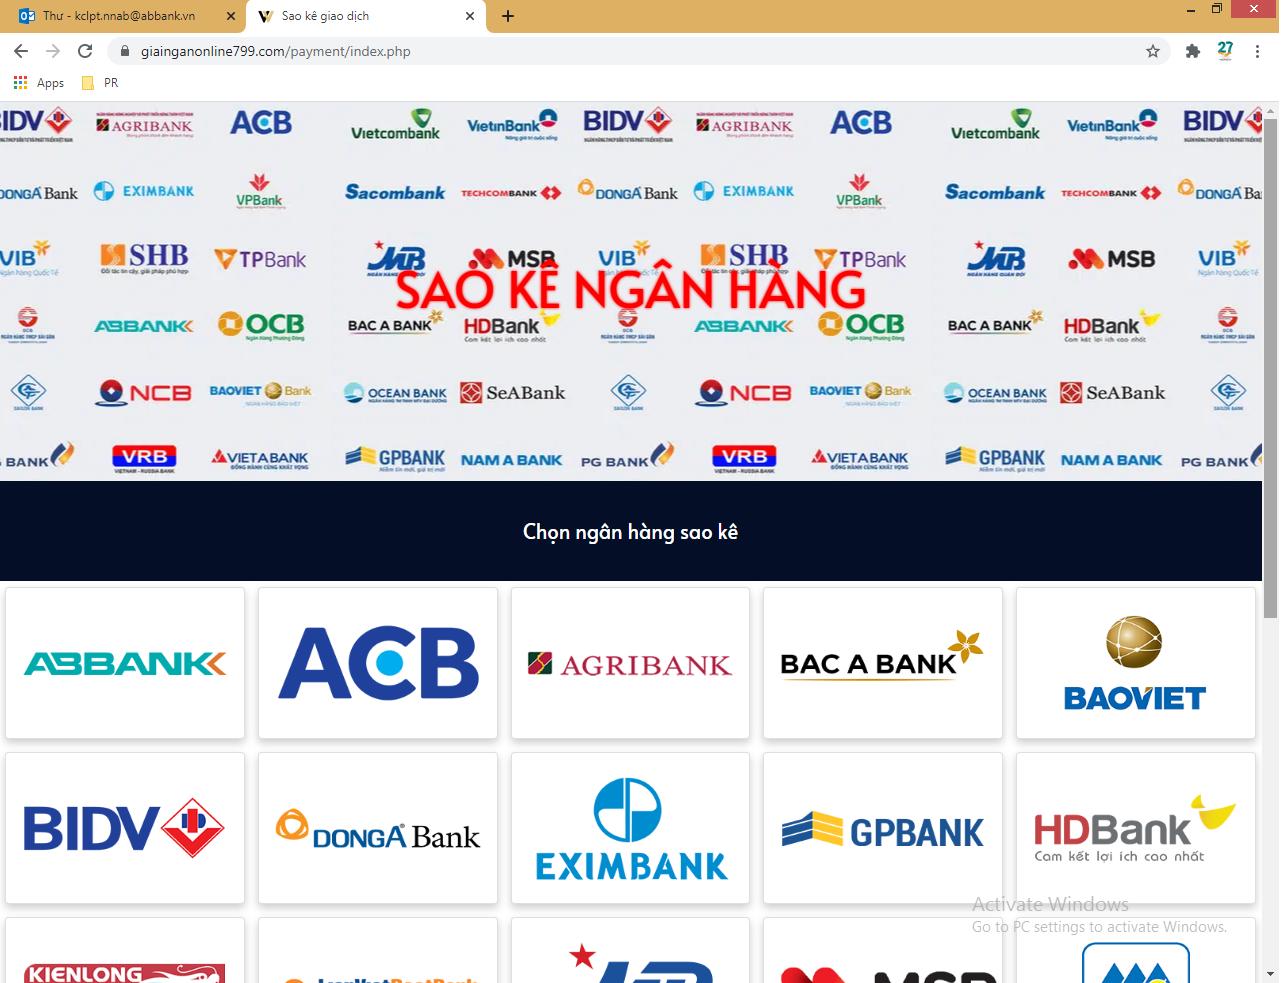 ABBank khuyến cáo khách hàng về hành vi giả mạo Website ngân hàng để lừa đảo chiếm đoạt tài sản - Ảnh 2